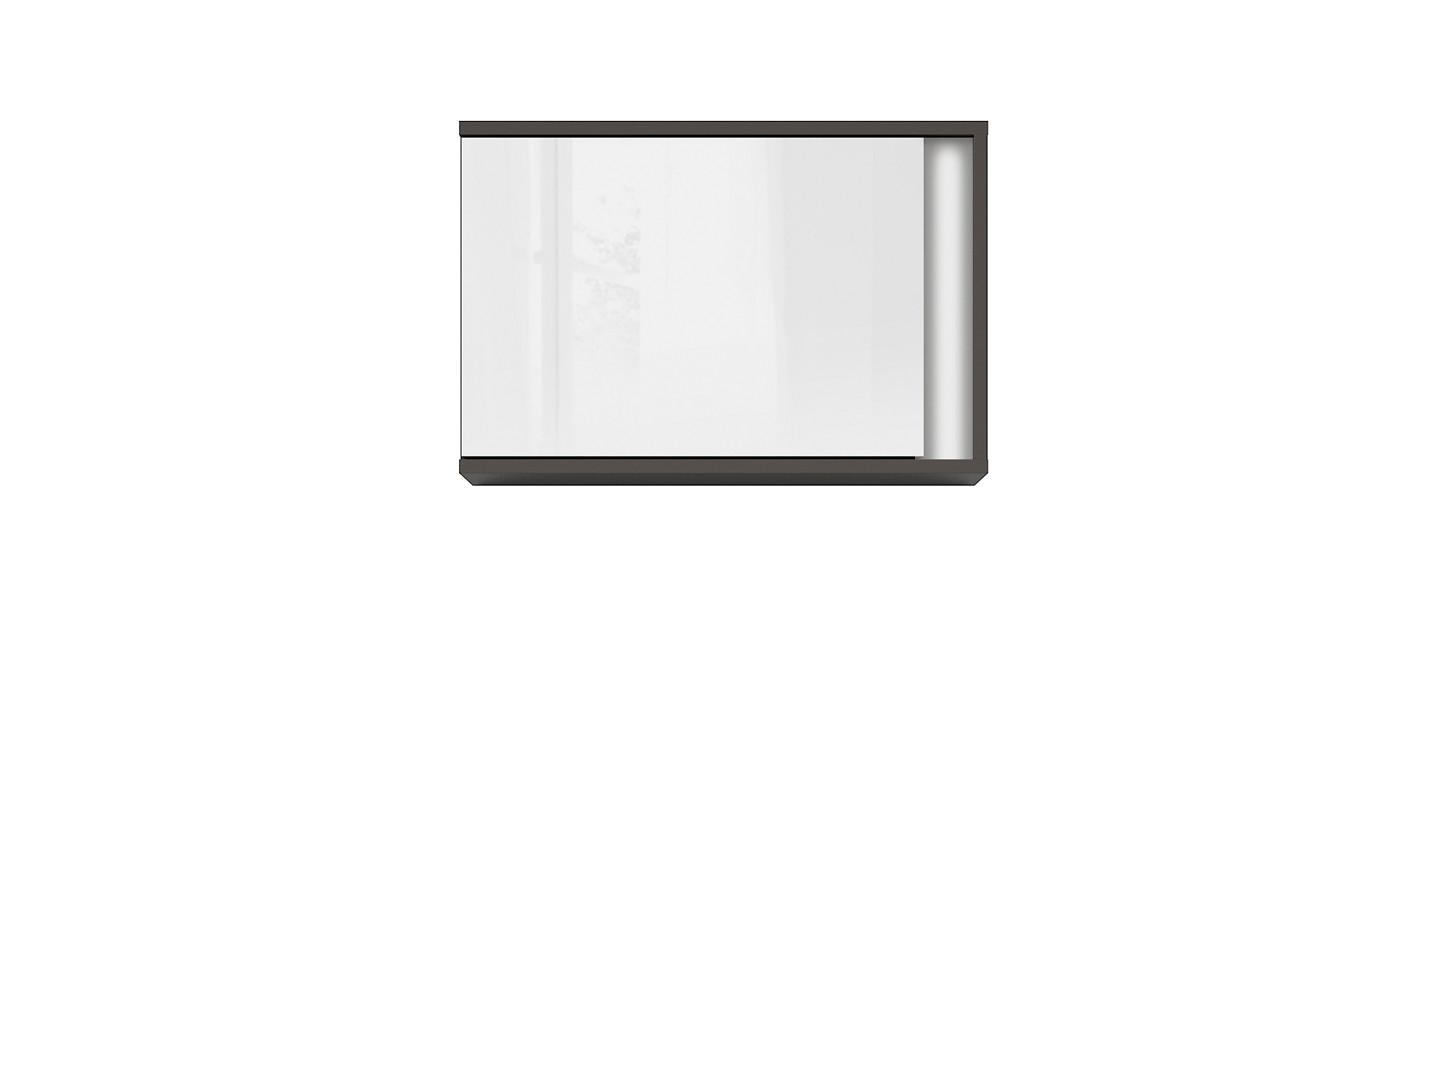 Závesná skrinka GRAPHIC SFW1DL/C sivý wolfram/biely zrkadlový lesk